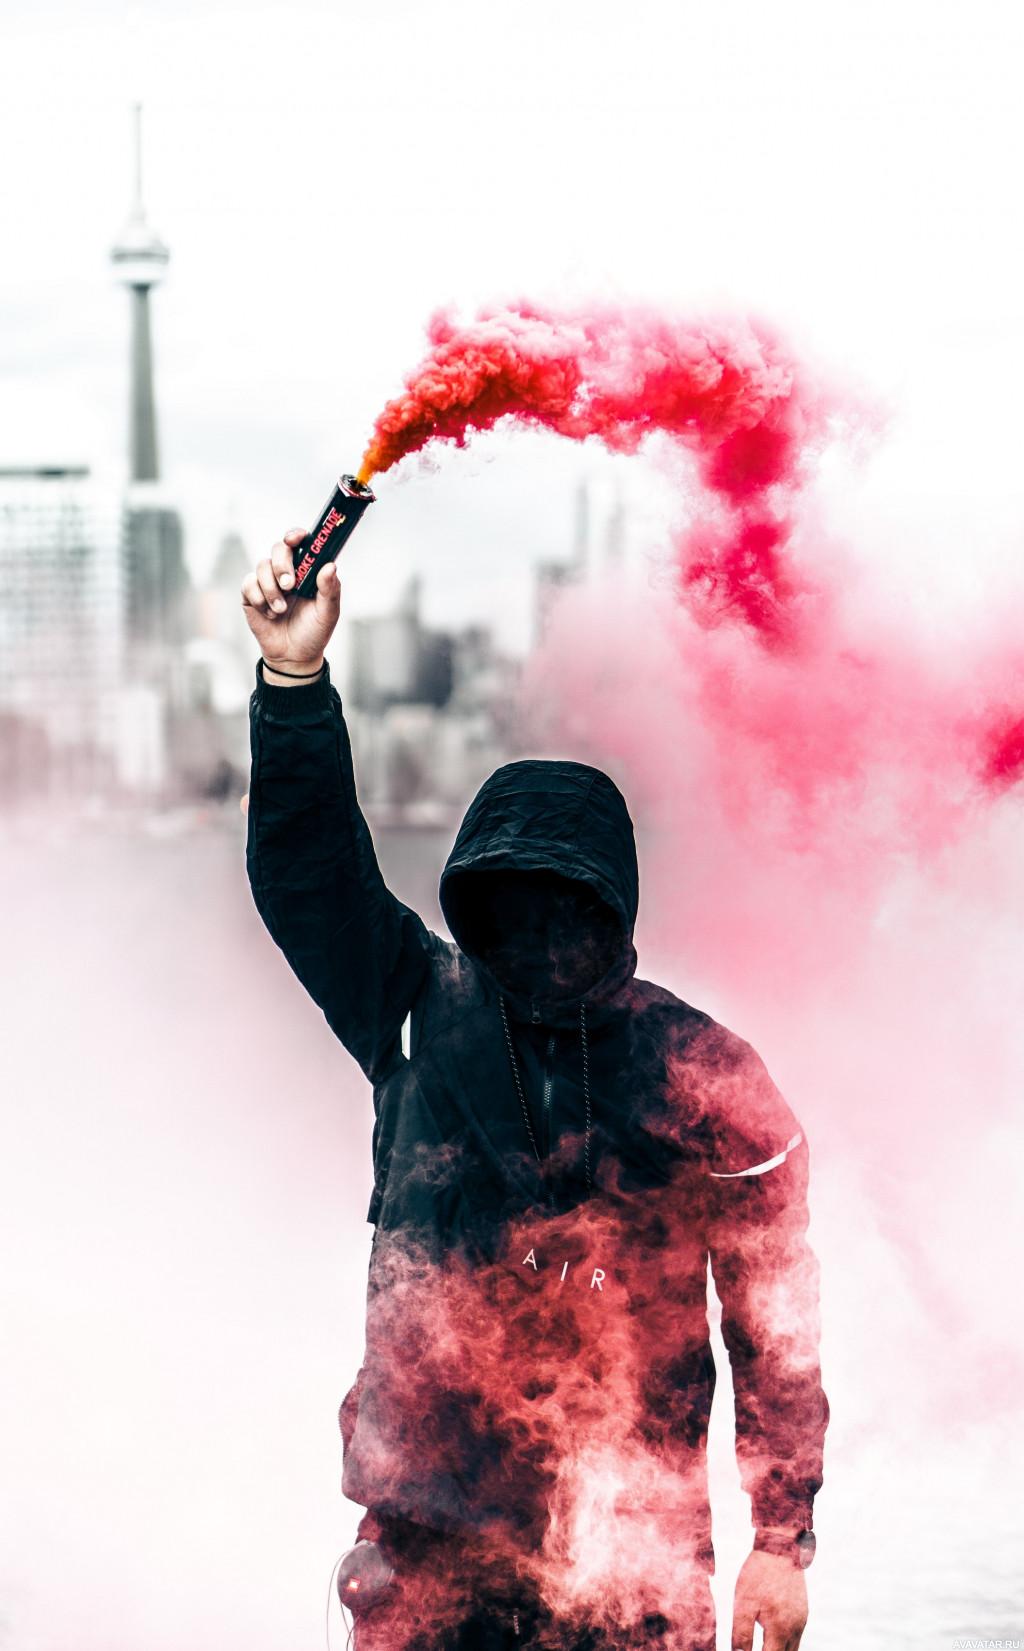 Крутые картинки в дыму, своими руками